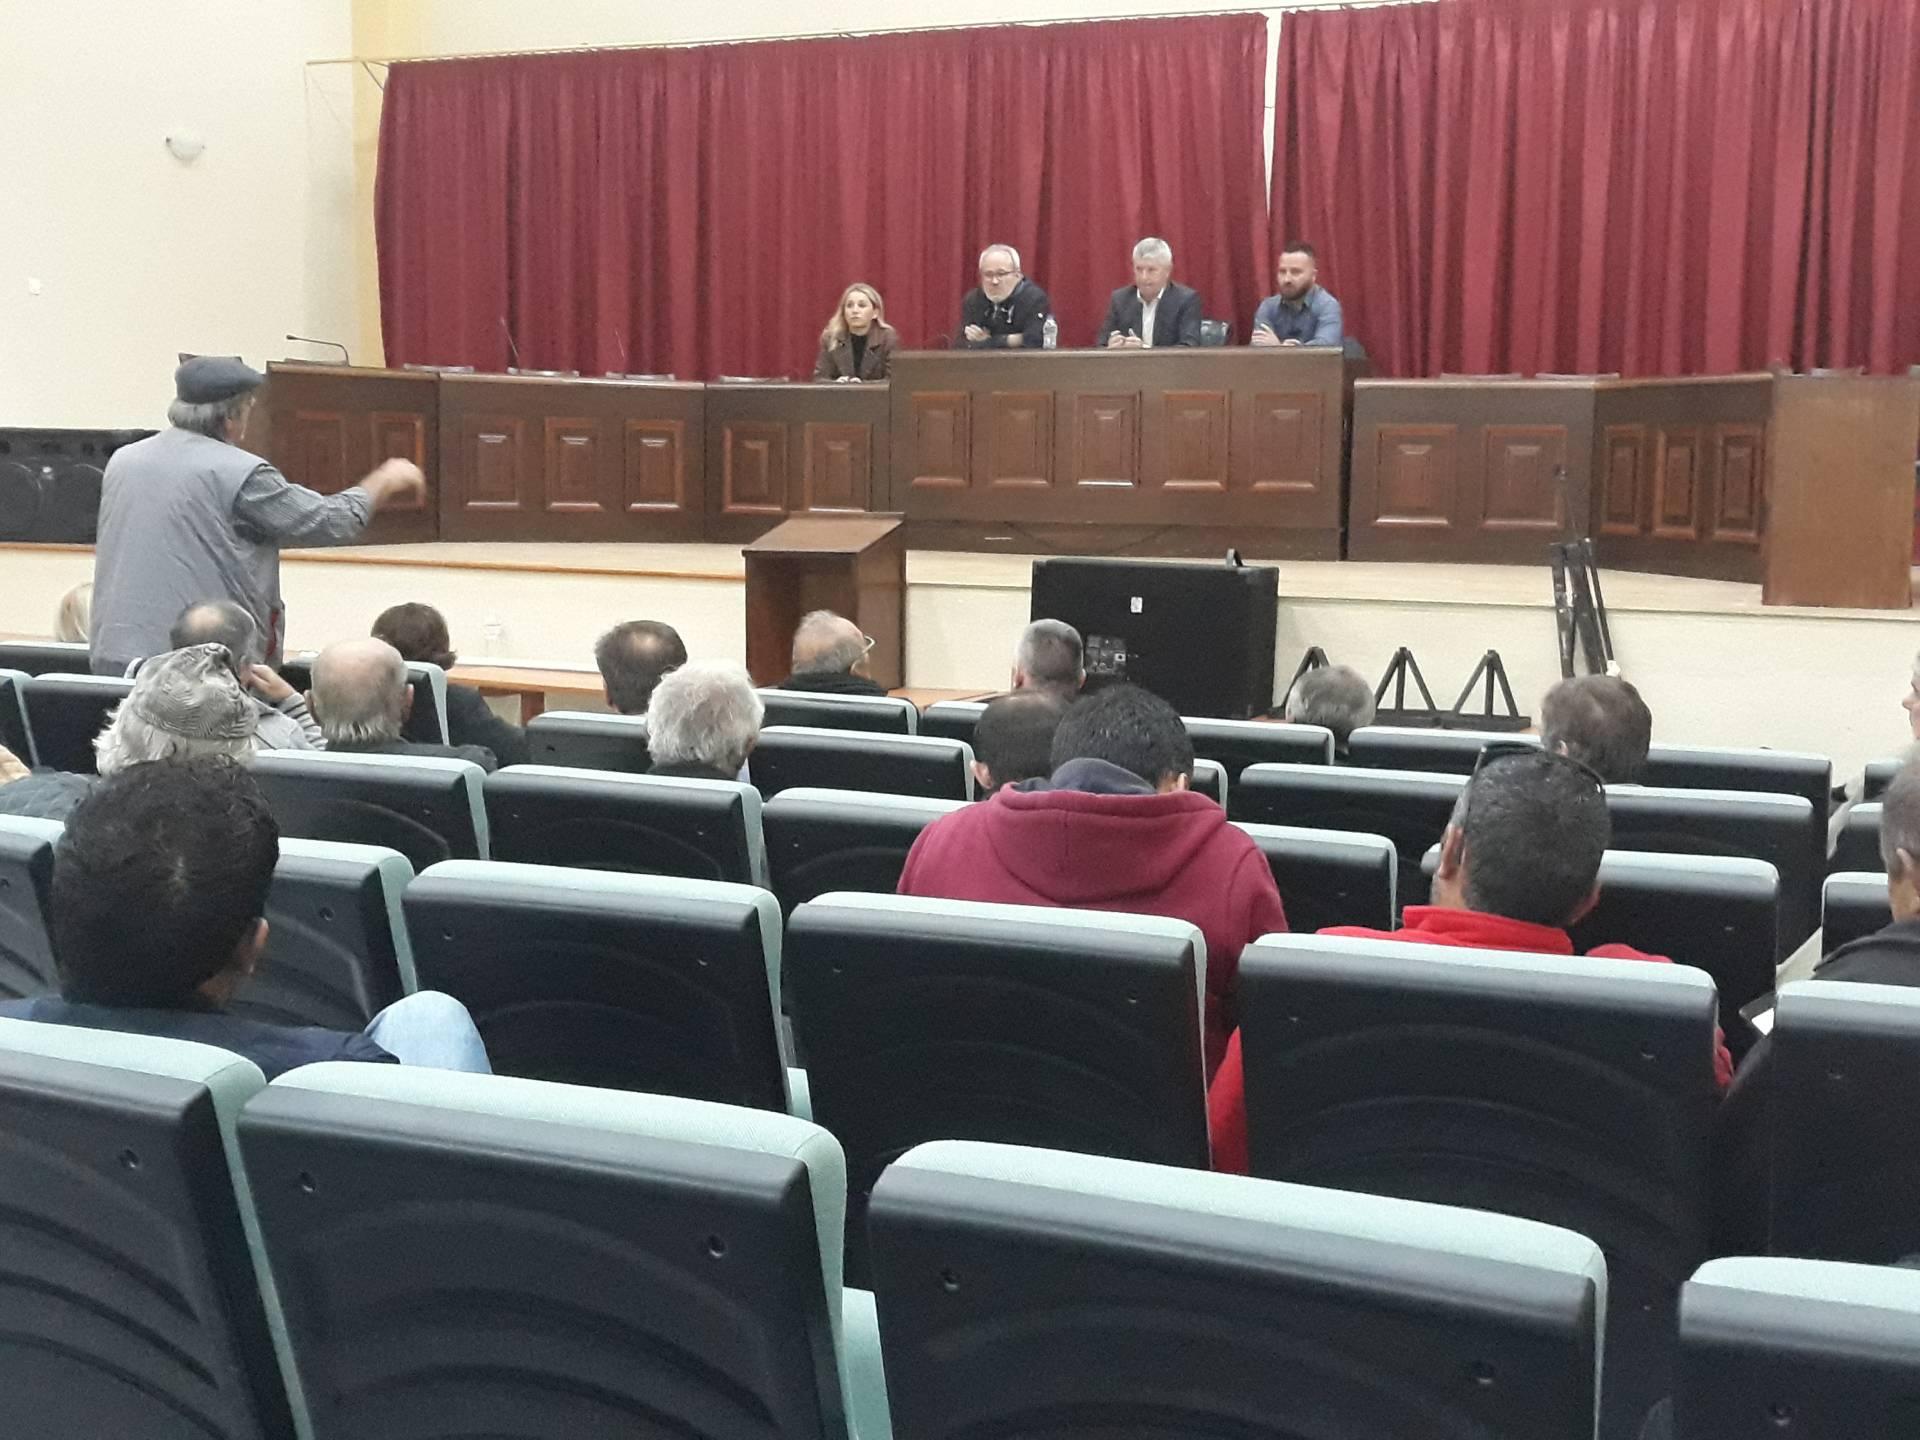 Λαϊκή συνέλευση του Δήμου Δεσκάτης για την κατάρτιση του τεχνικού προγράμματος